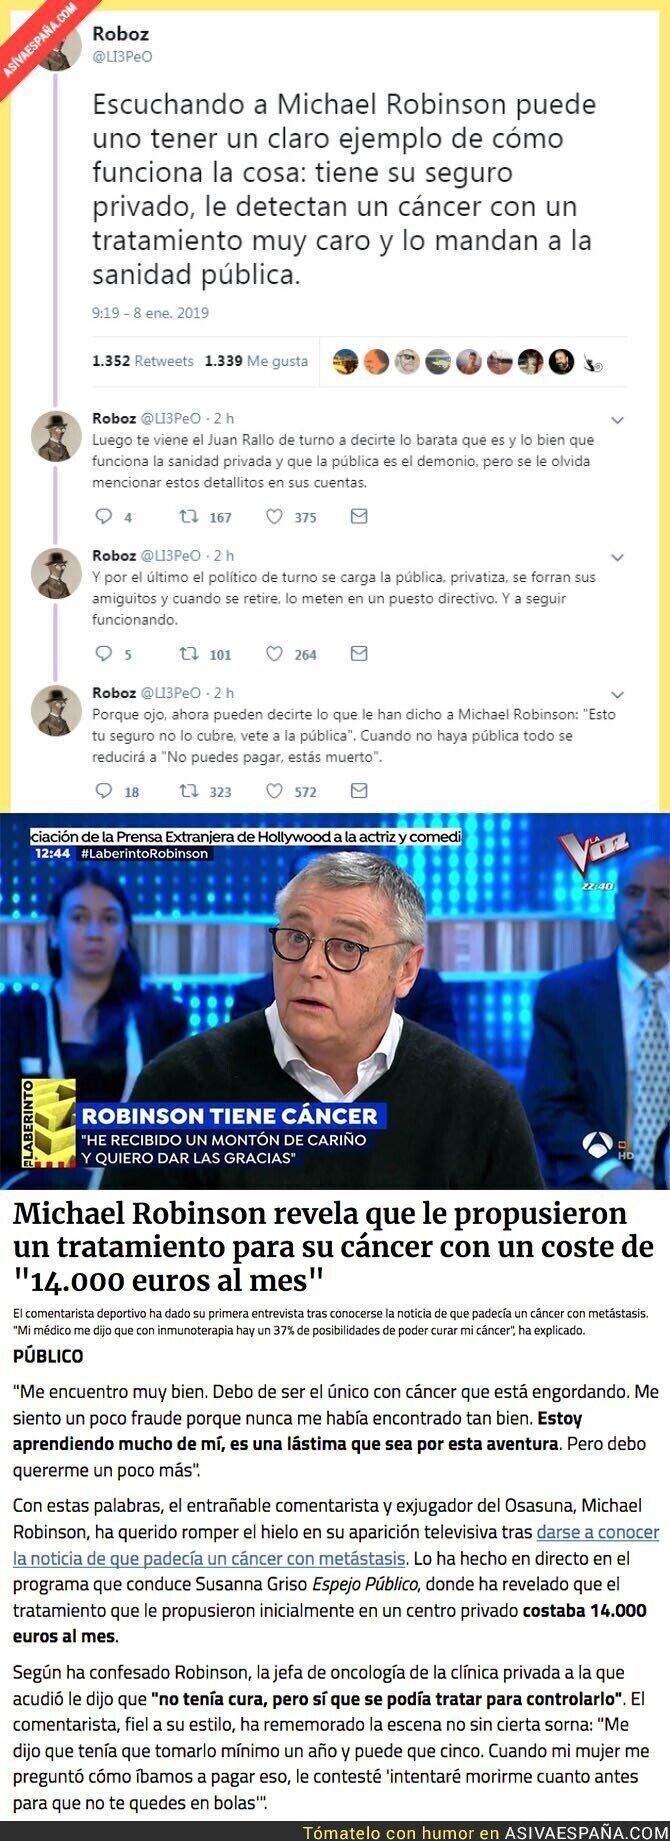 102128 - Michael Robinson habla sobre la sanidad privada y el seguro médico y el precio de su cáncer